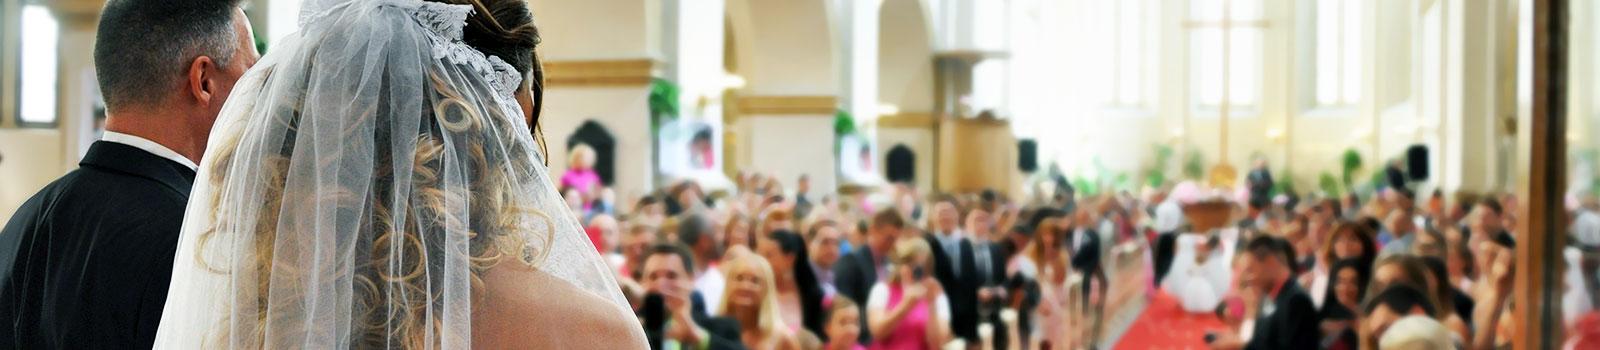 Live muziek tijdens de ceremonie: binnenkomst van de bruid